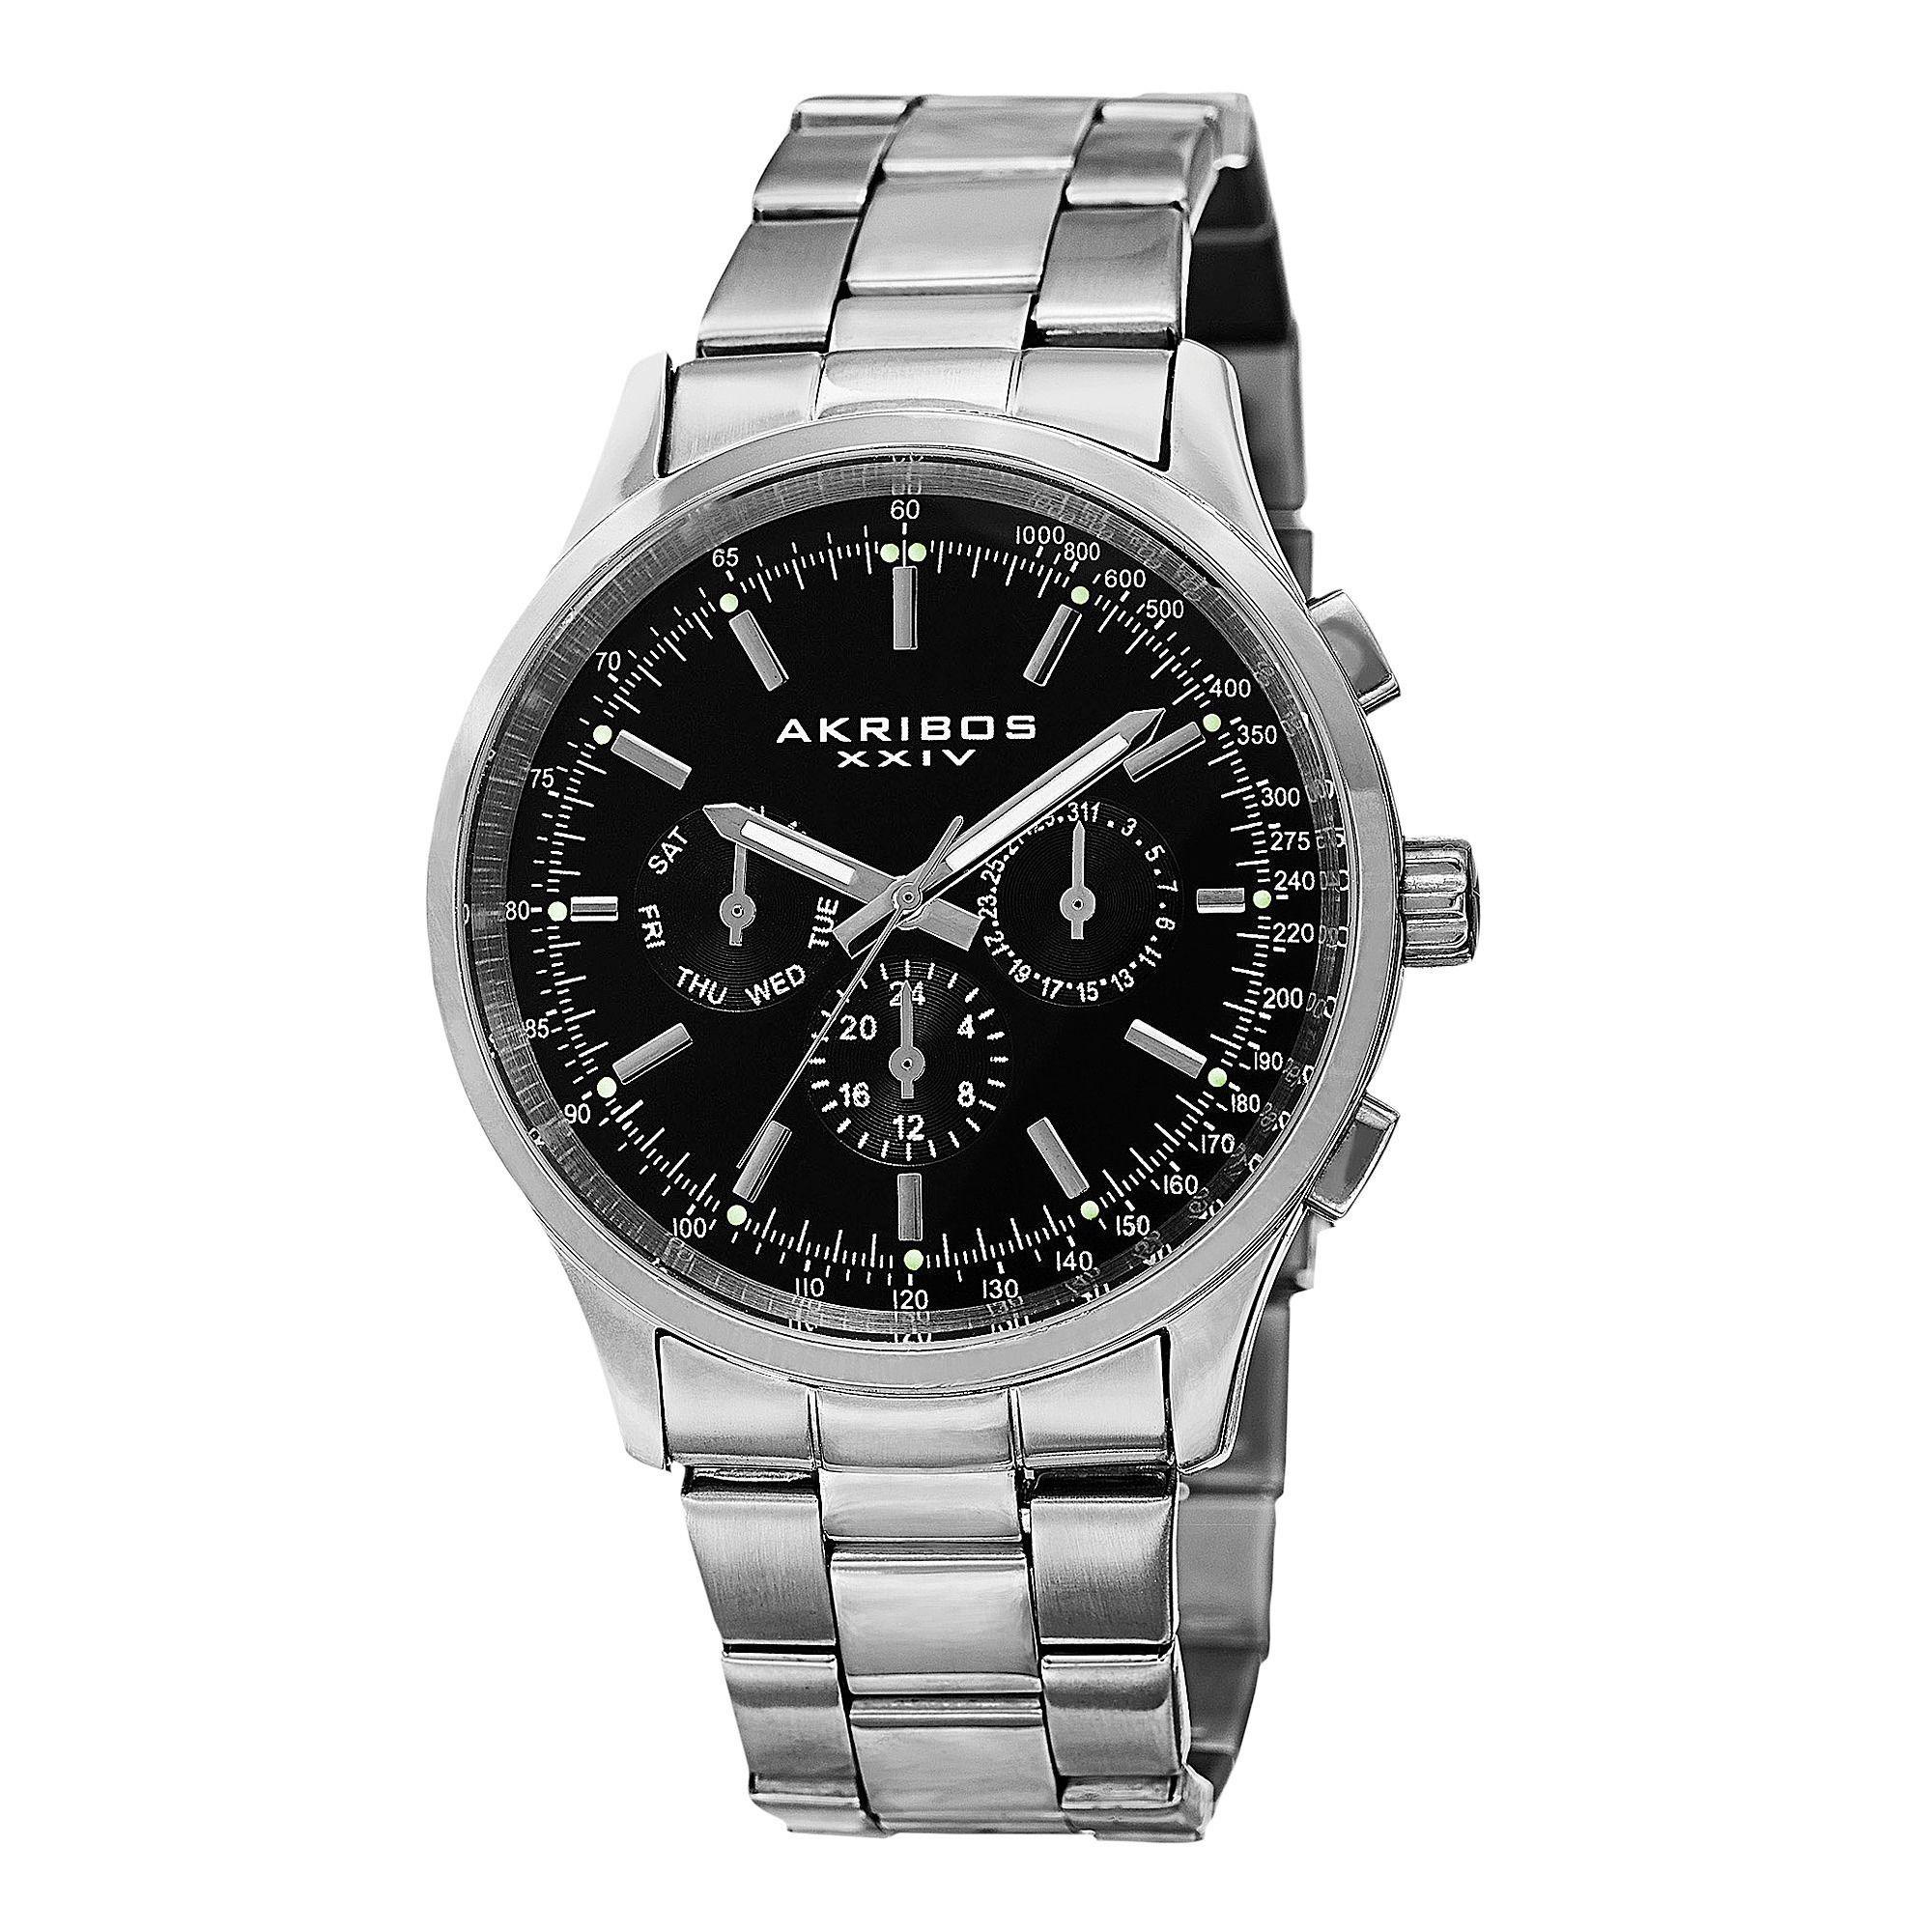 Akribos xxiv menus swiss quartz dual time tachymeter bracelet watch